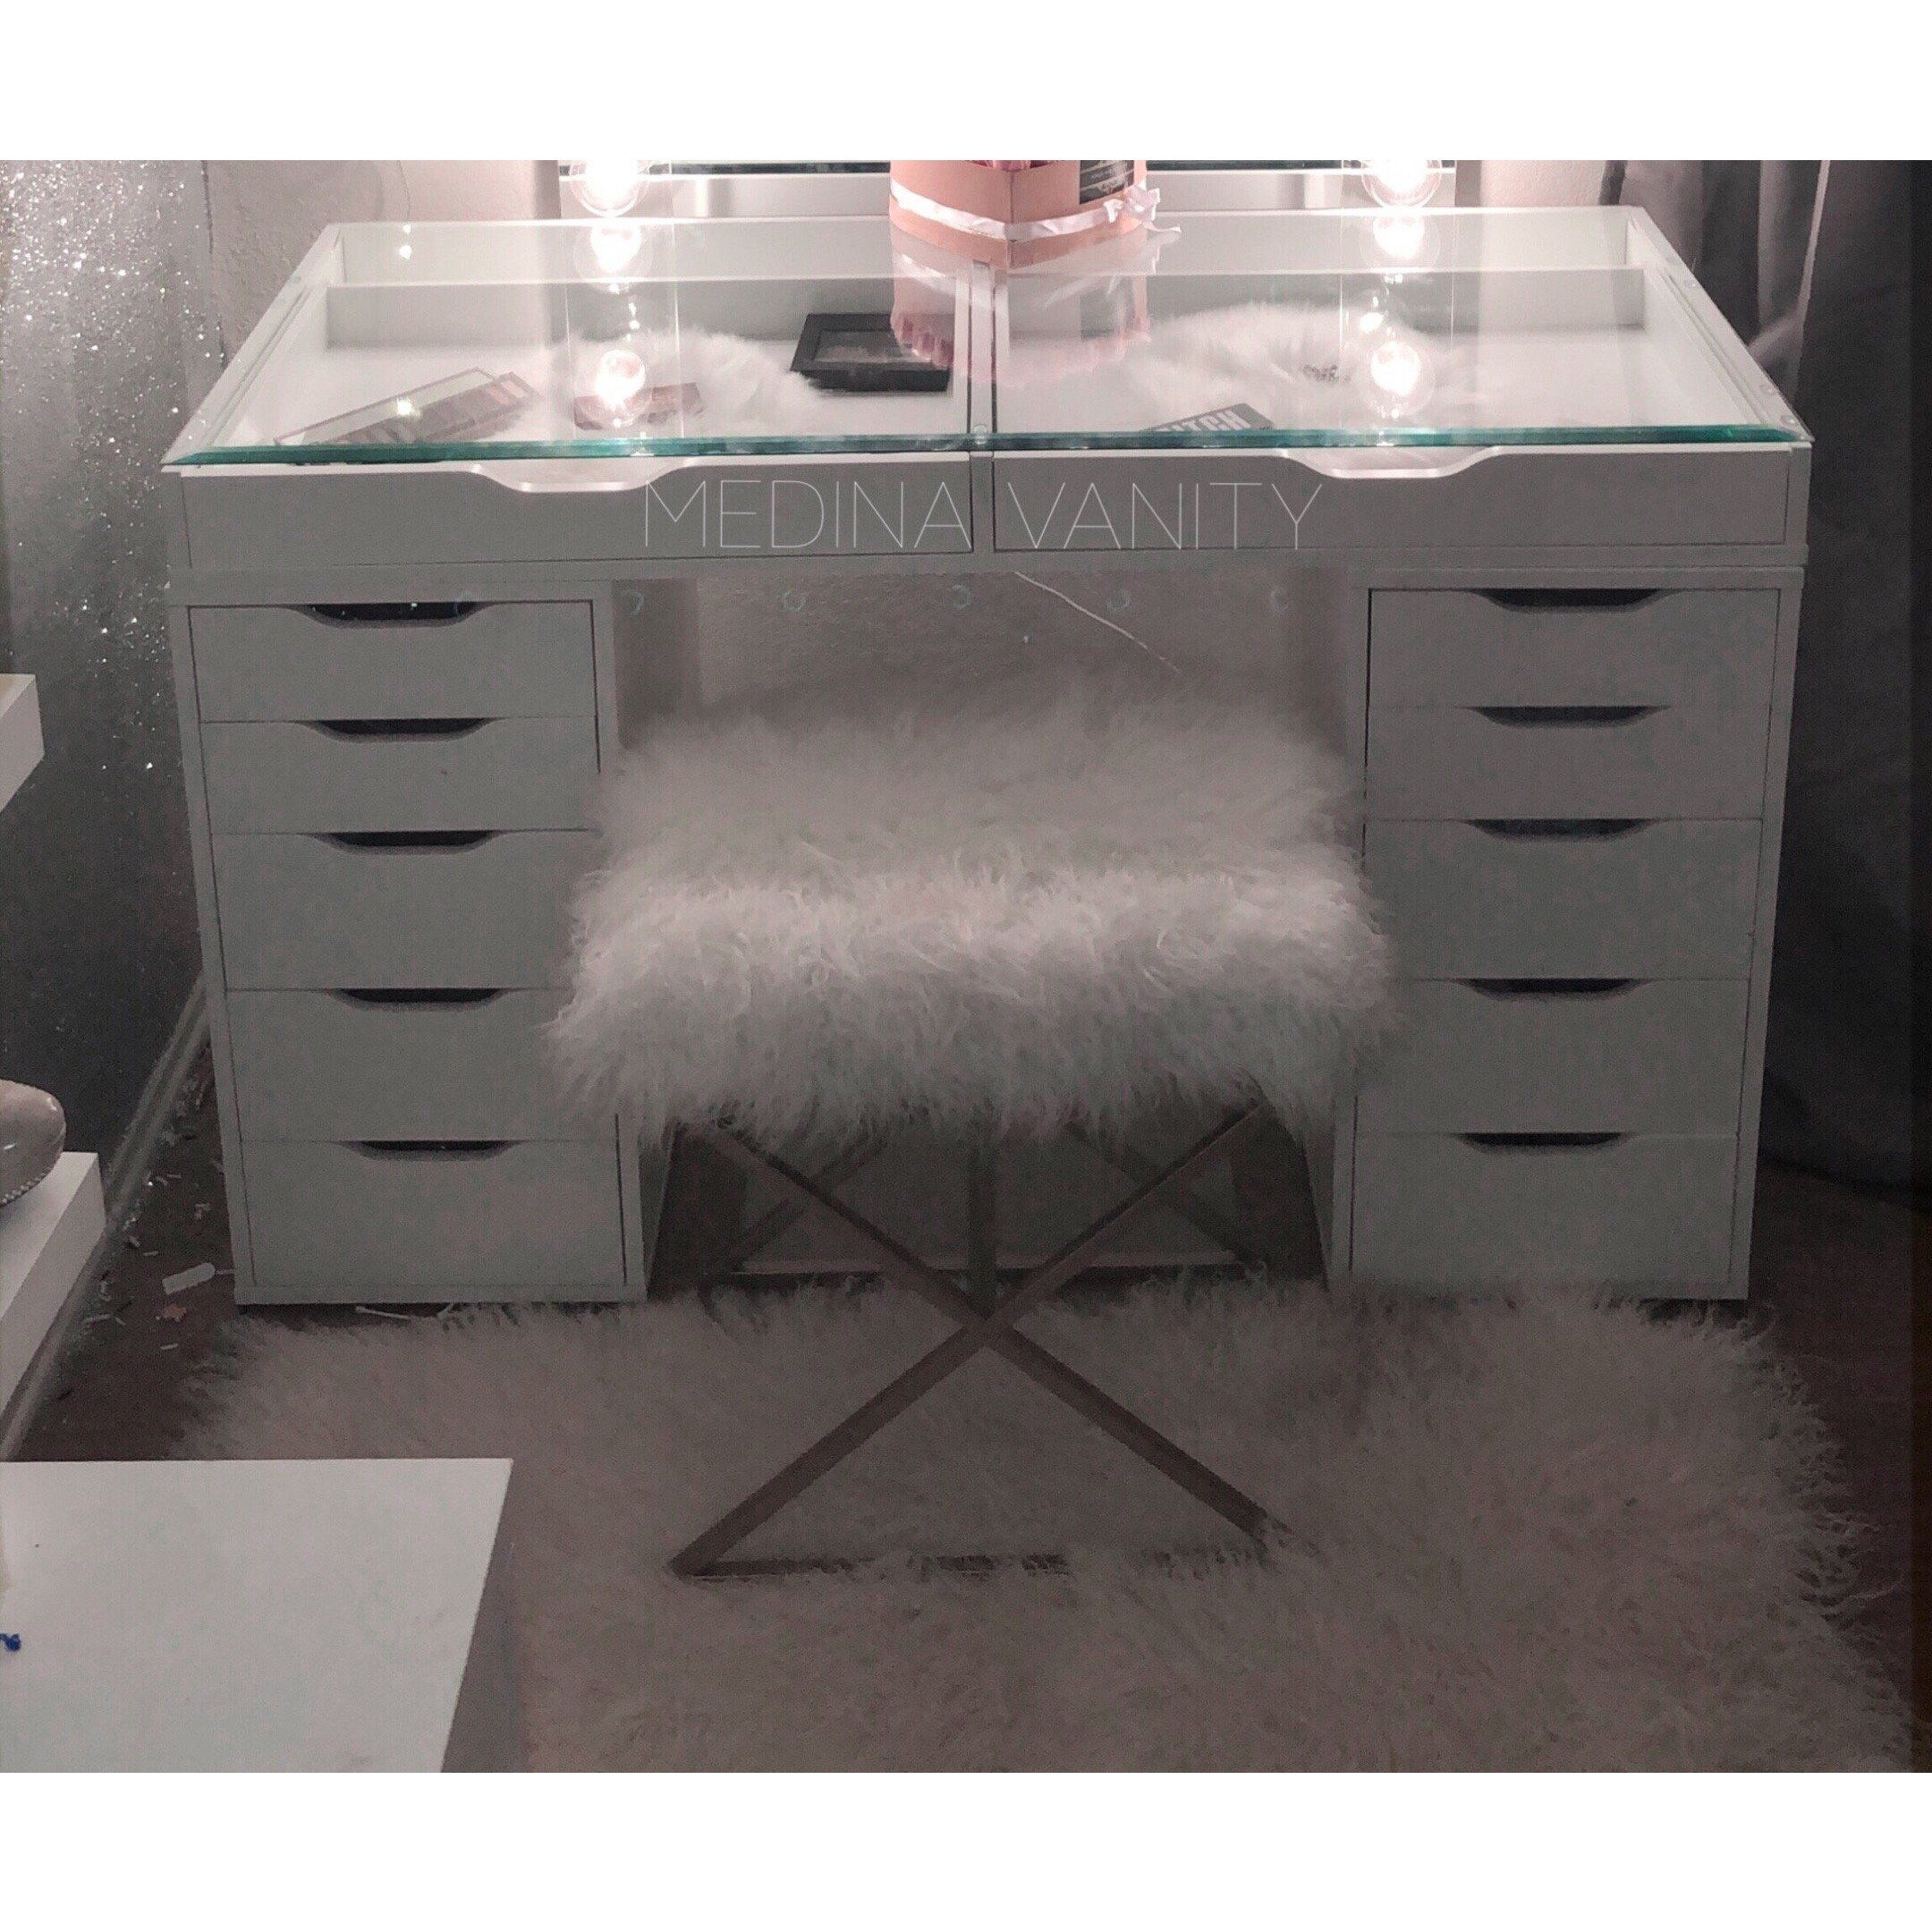 Zara Vanity Table 2 Dressers Medina Vanity Vanity Table